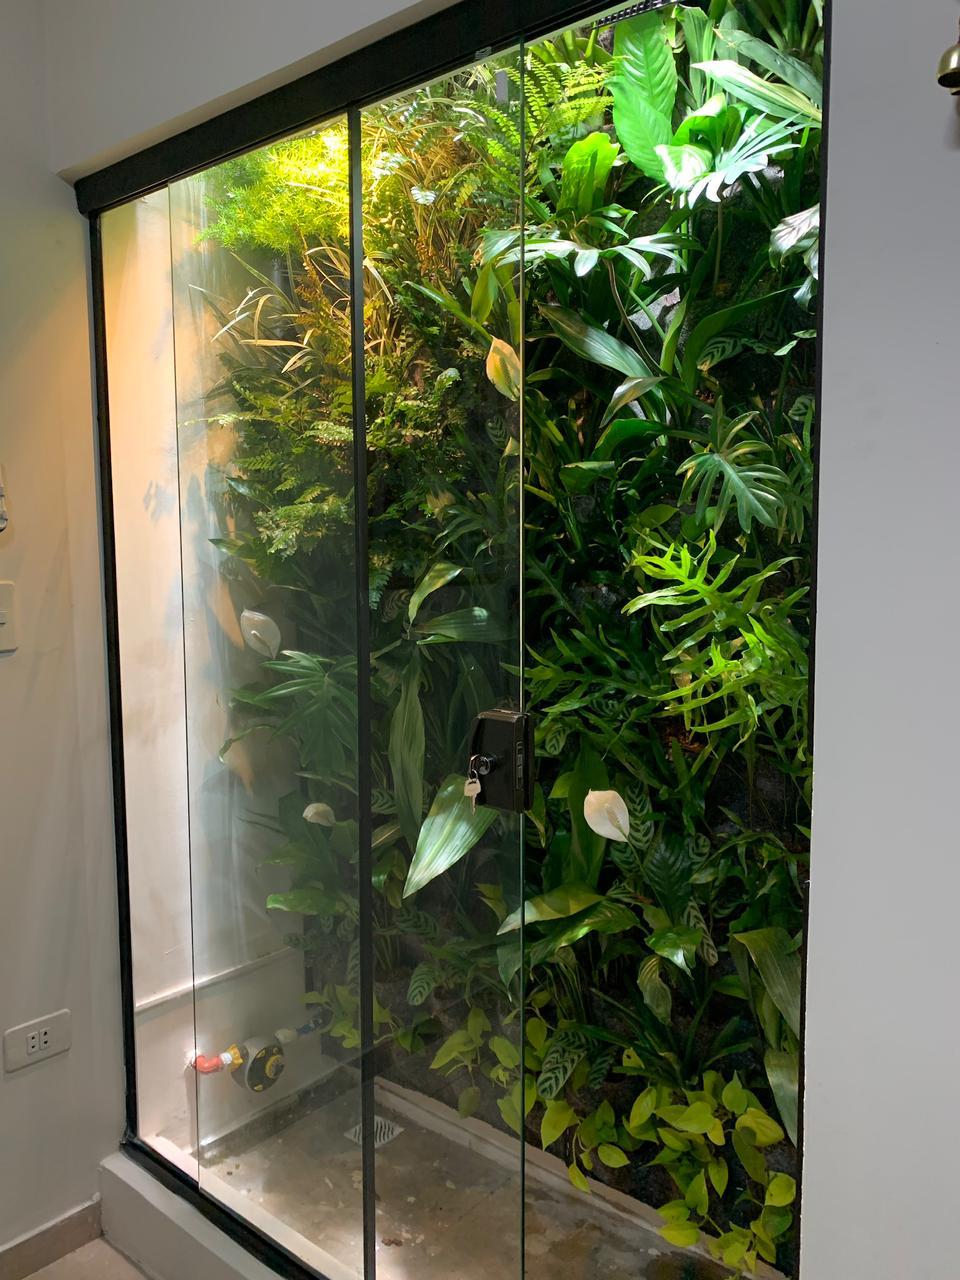 Jardín vertical como plus en un edificio. Foto: DraitaGreen (Gentileza)